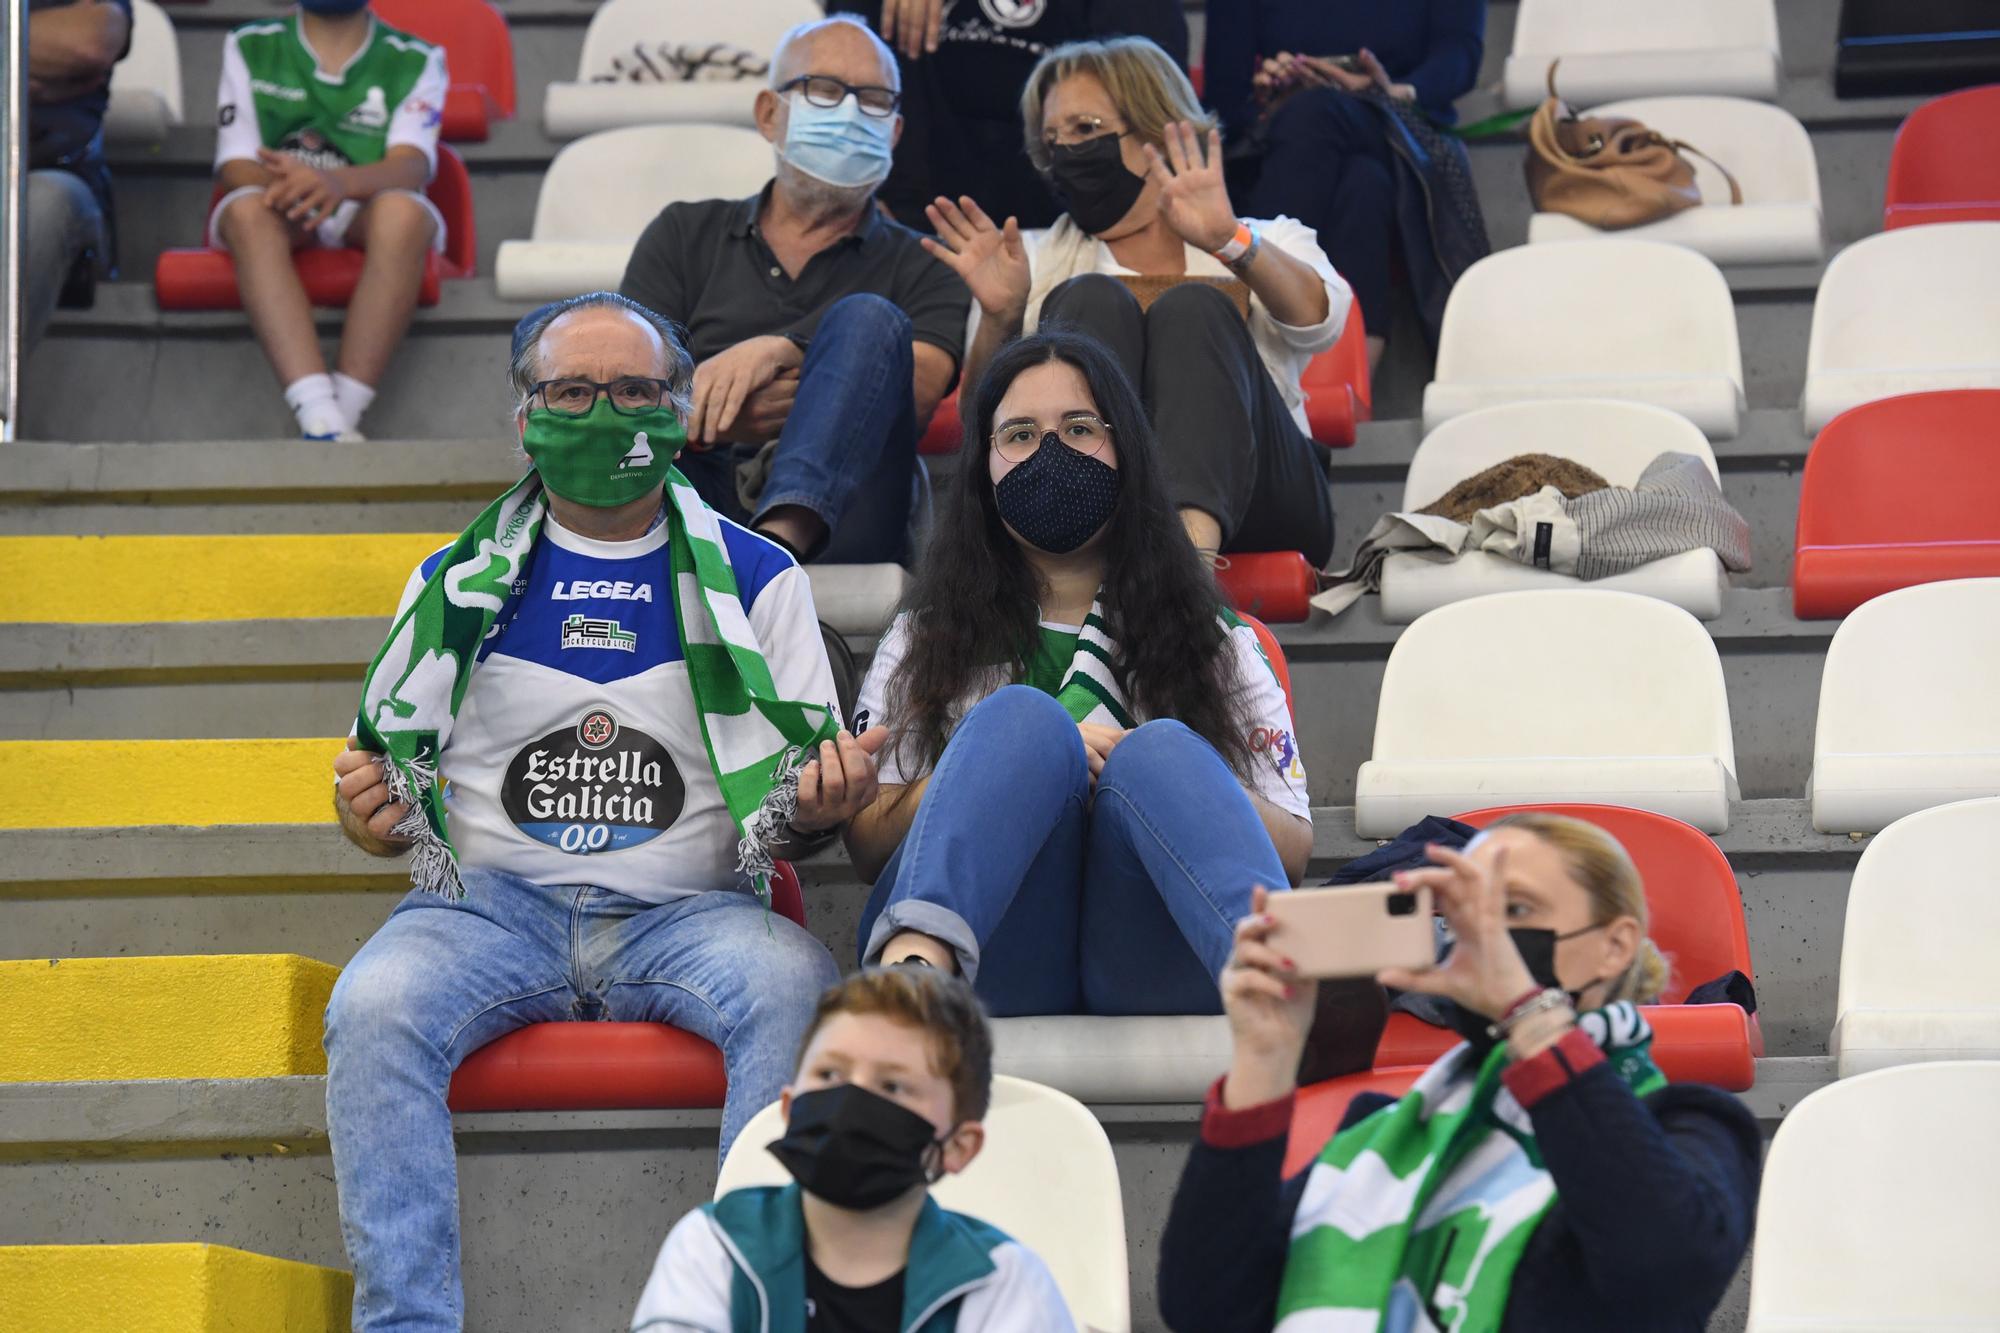 Ambientazo en la Copa del Rey y de la Reina de Hockey en A Coruña